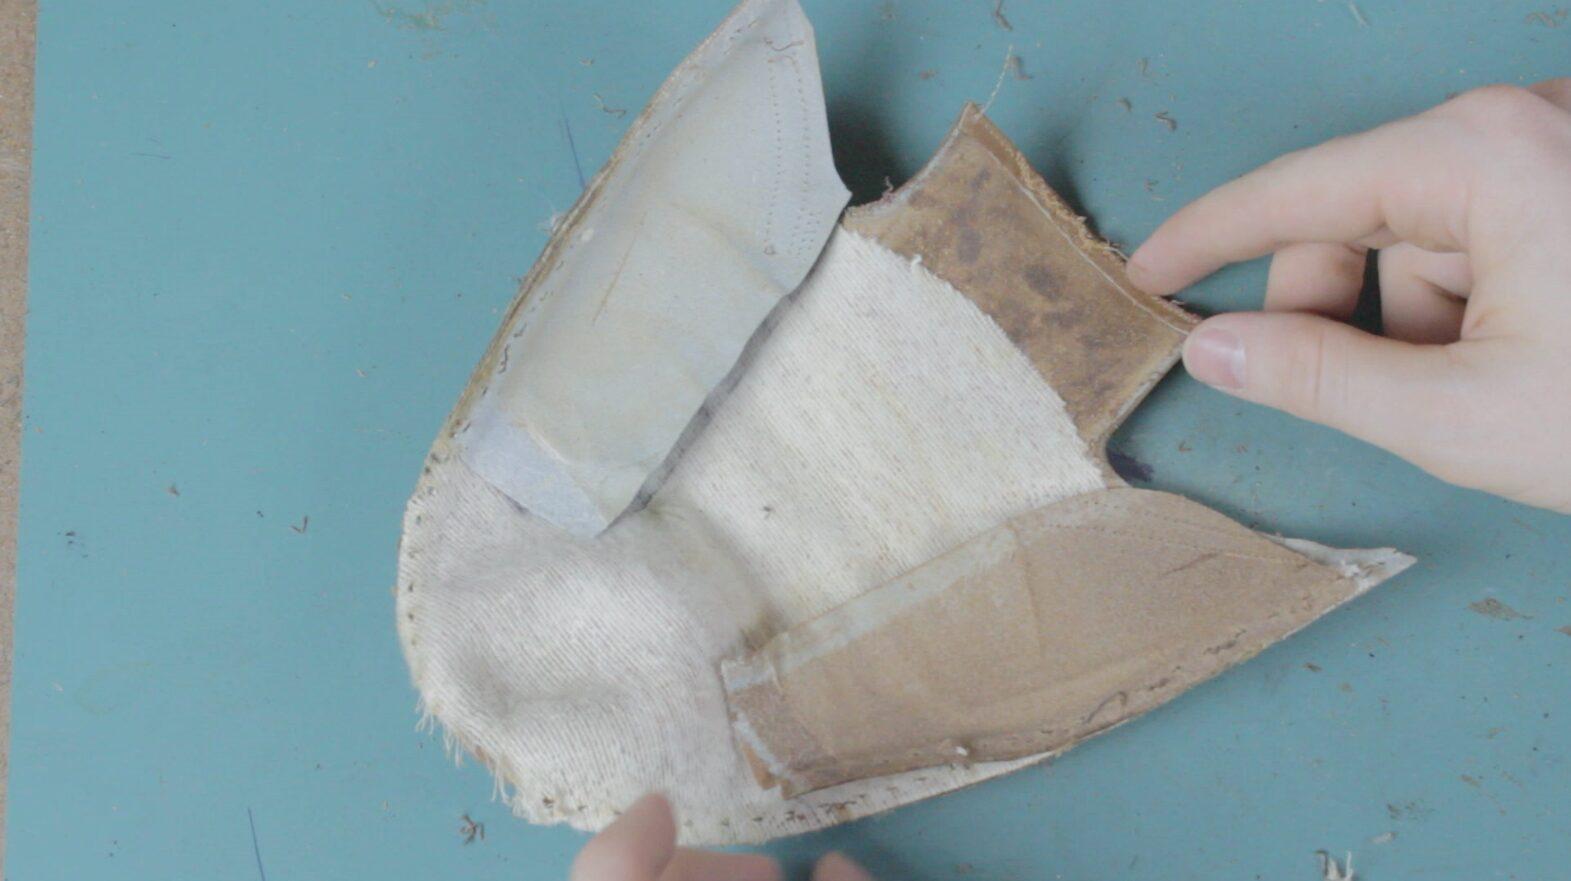 Ailettes de renfort en cuir sur une paire d'Edward Green. Il s'agit de l'une des rares marques à en utiliser. (Source : Lordpoint)